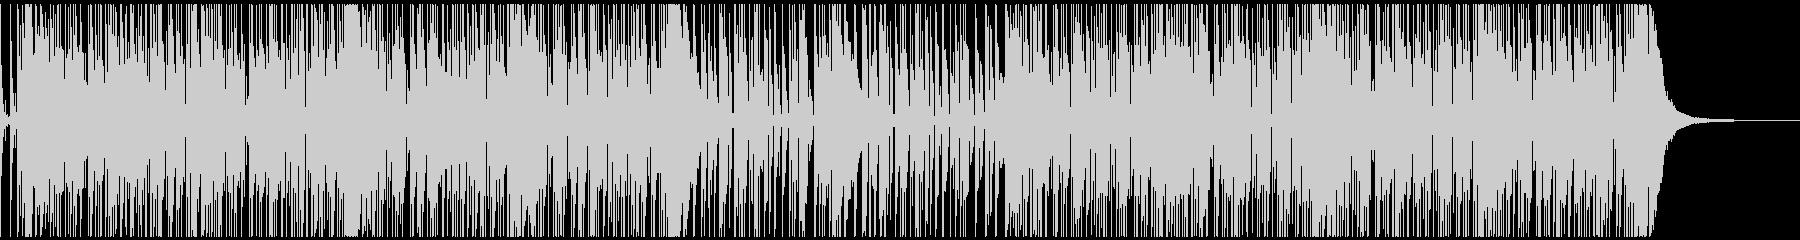 スラップベースが印象的なファンクの未再生の波形